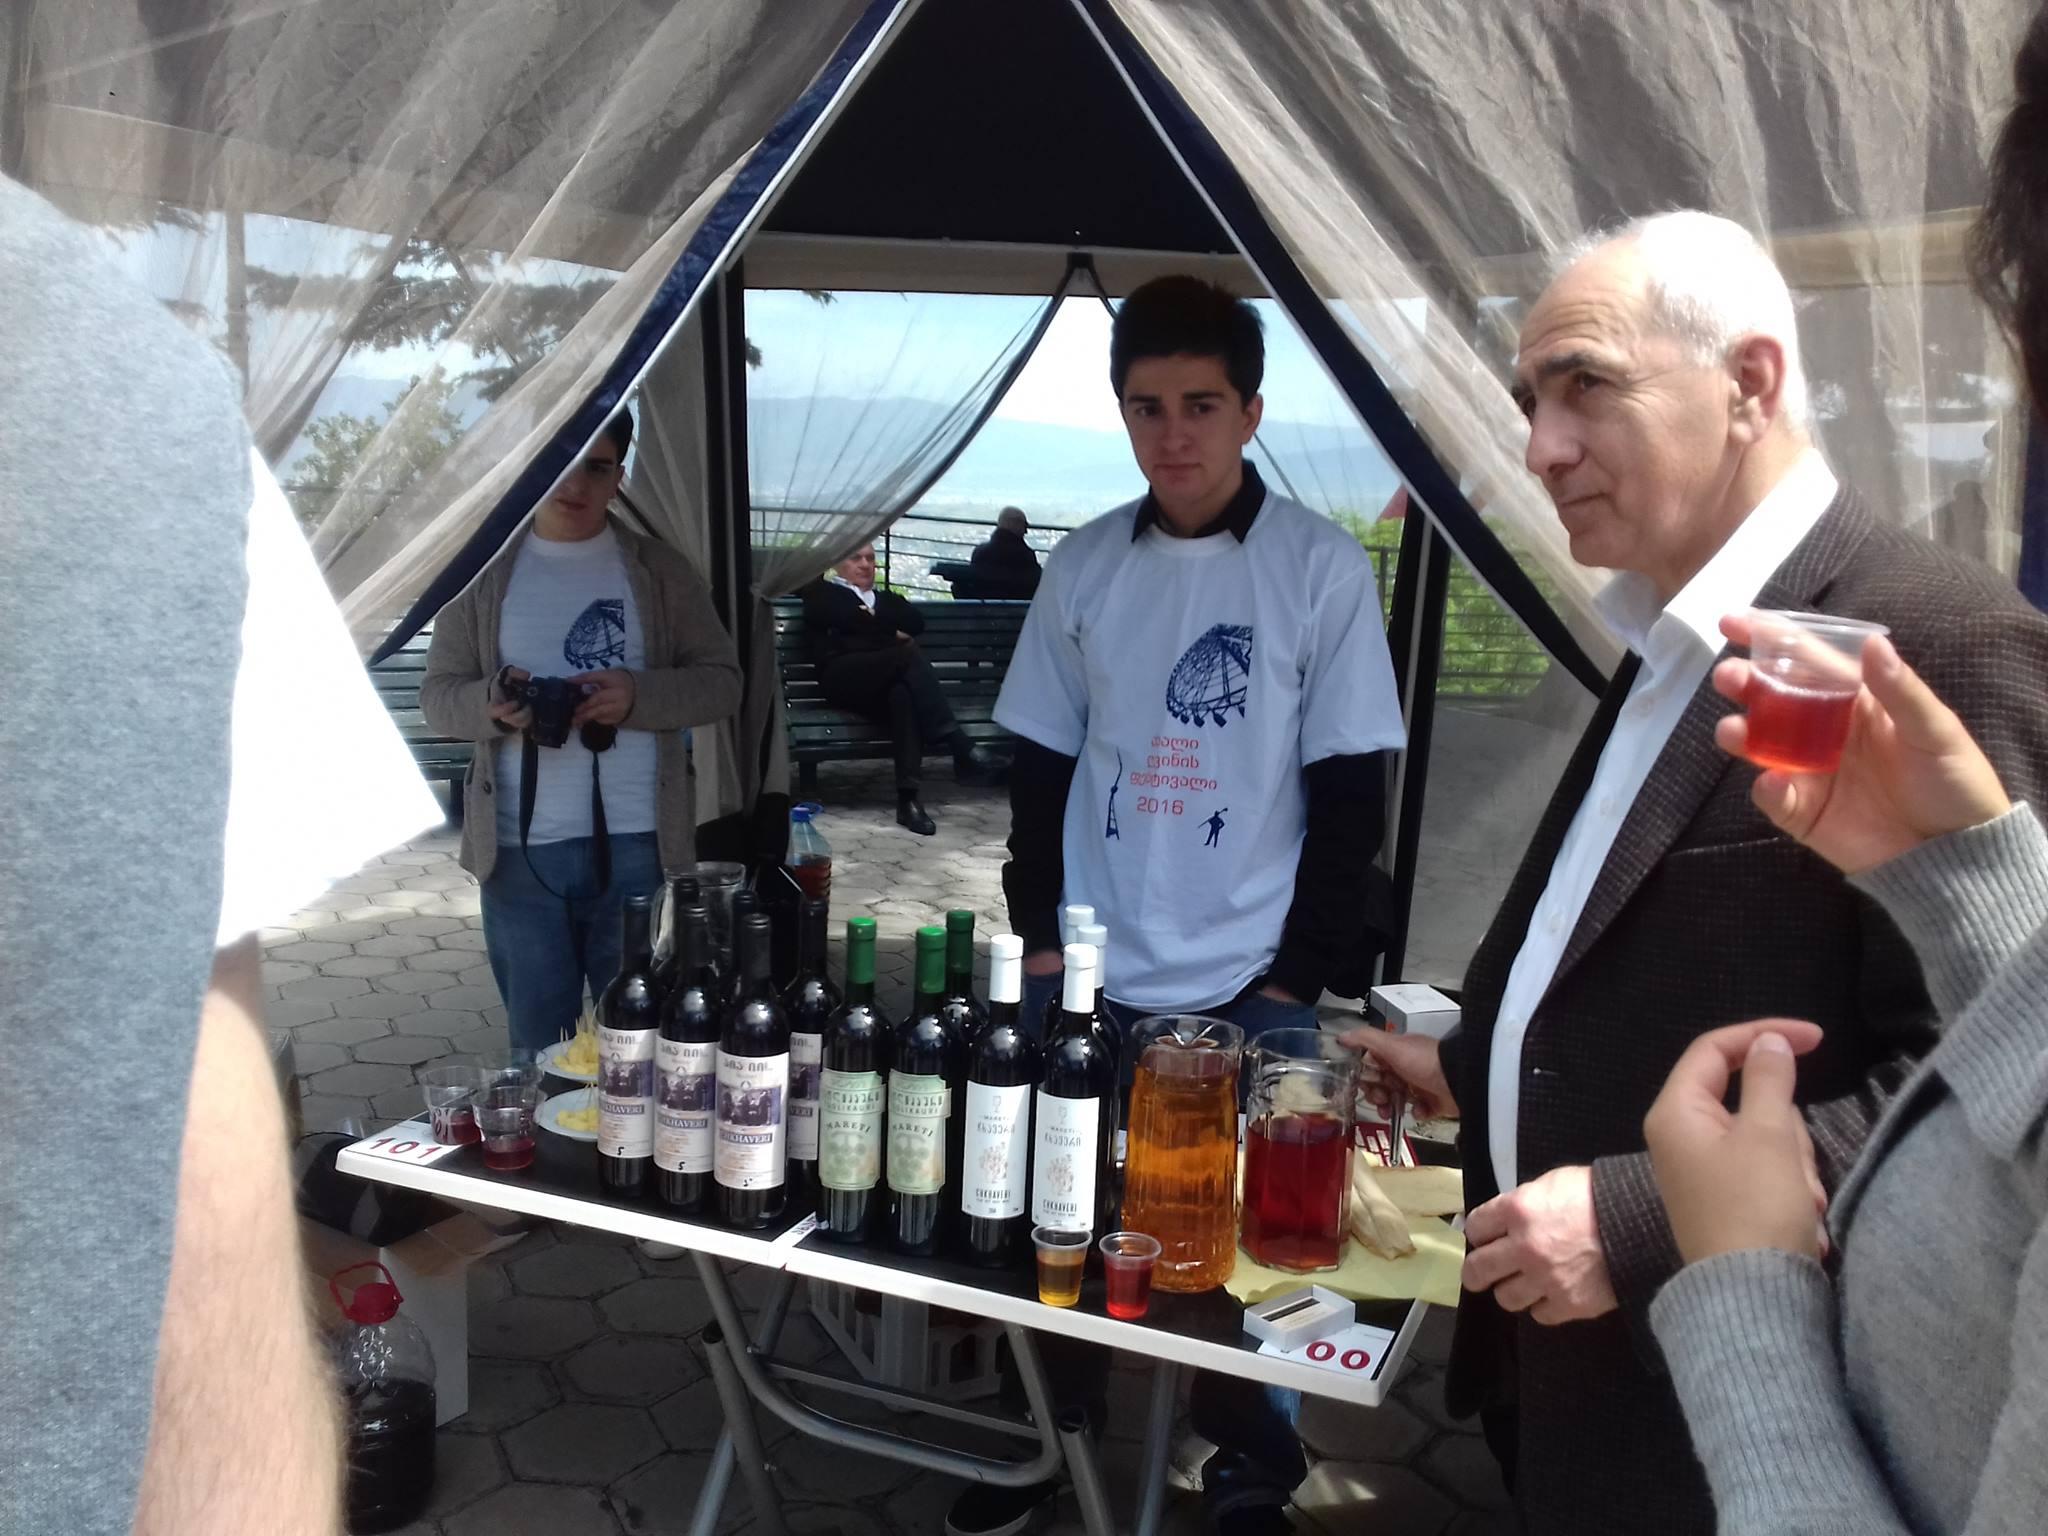 """Пресс-секретарь МДК """"Amicability"""" Ингрид Ким в рамках дипломатического визита в Республику Грузия провела беседу с известным виноделом, экспертом, предпринимателем Важа Давитадзе, которую мы предлагаем Вашему вниманию:"""